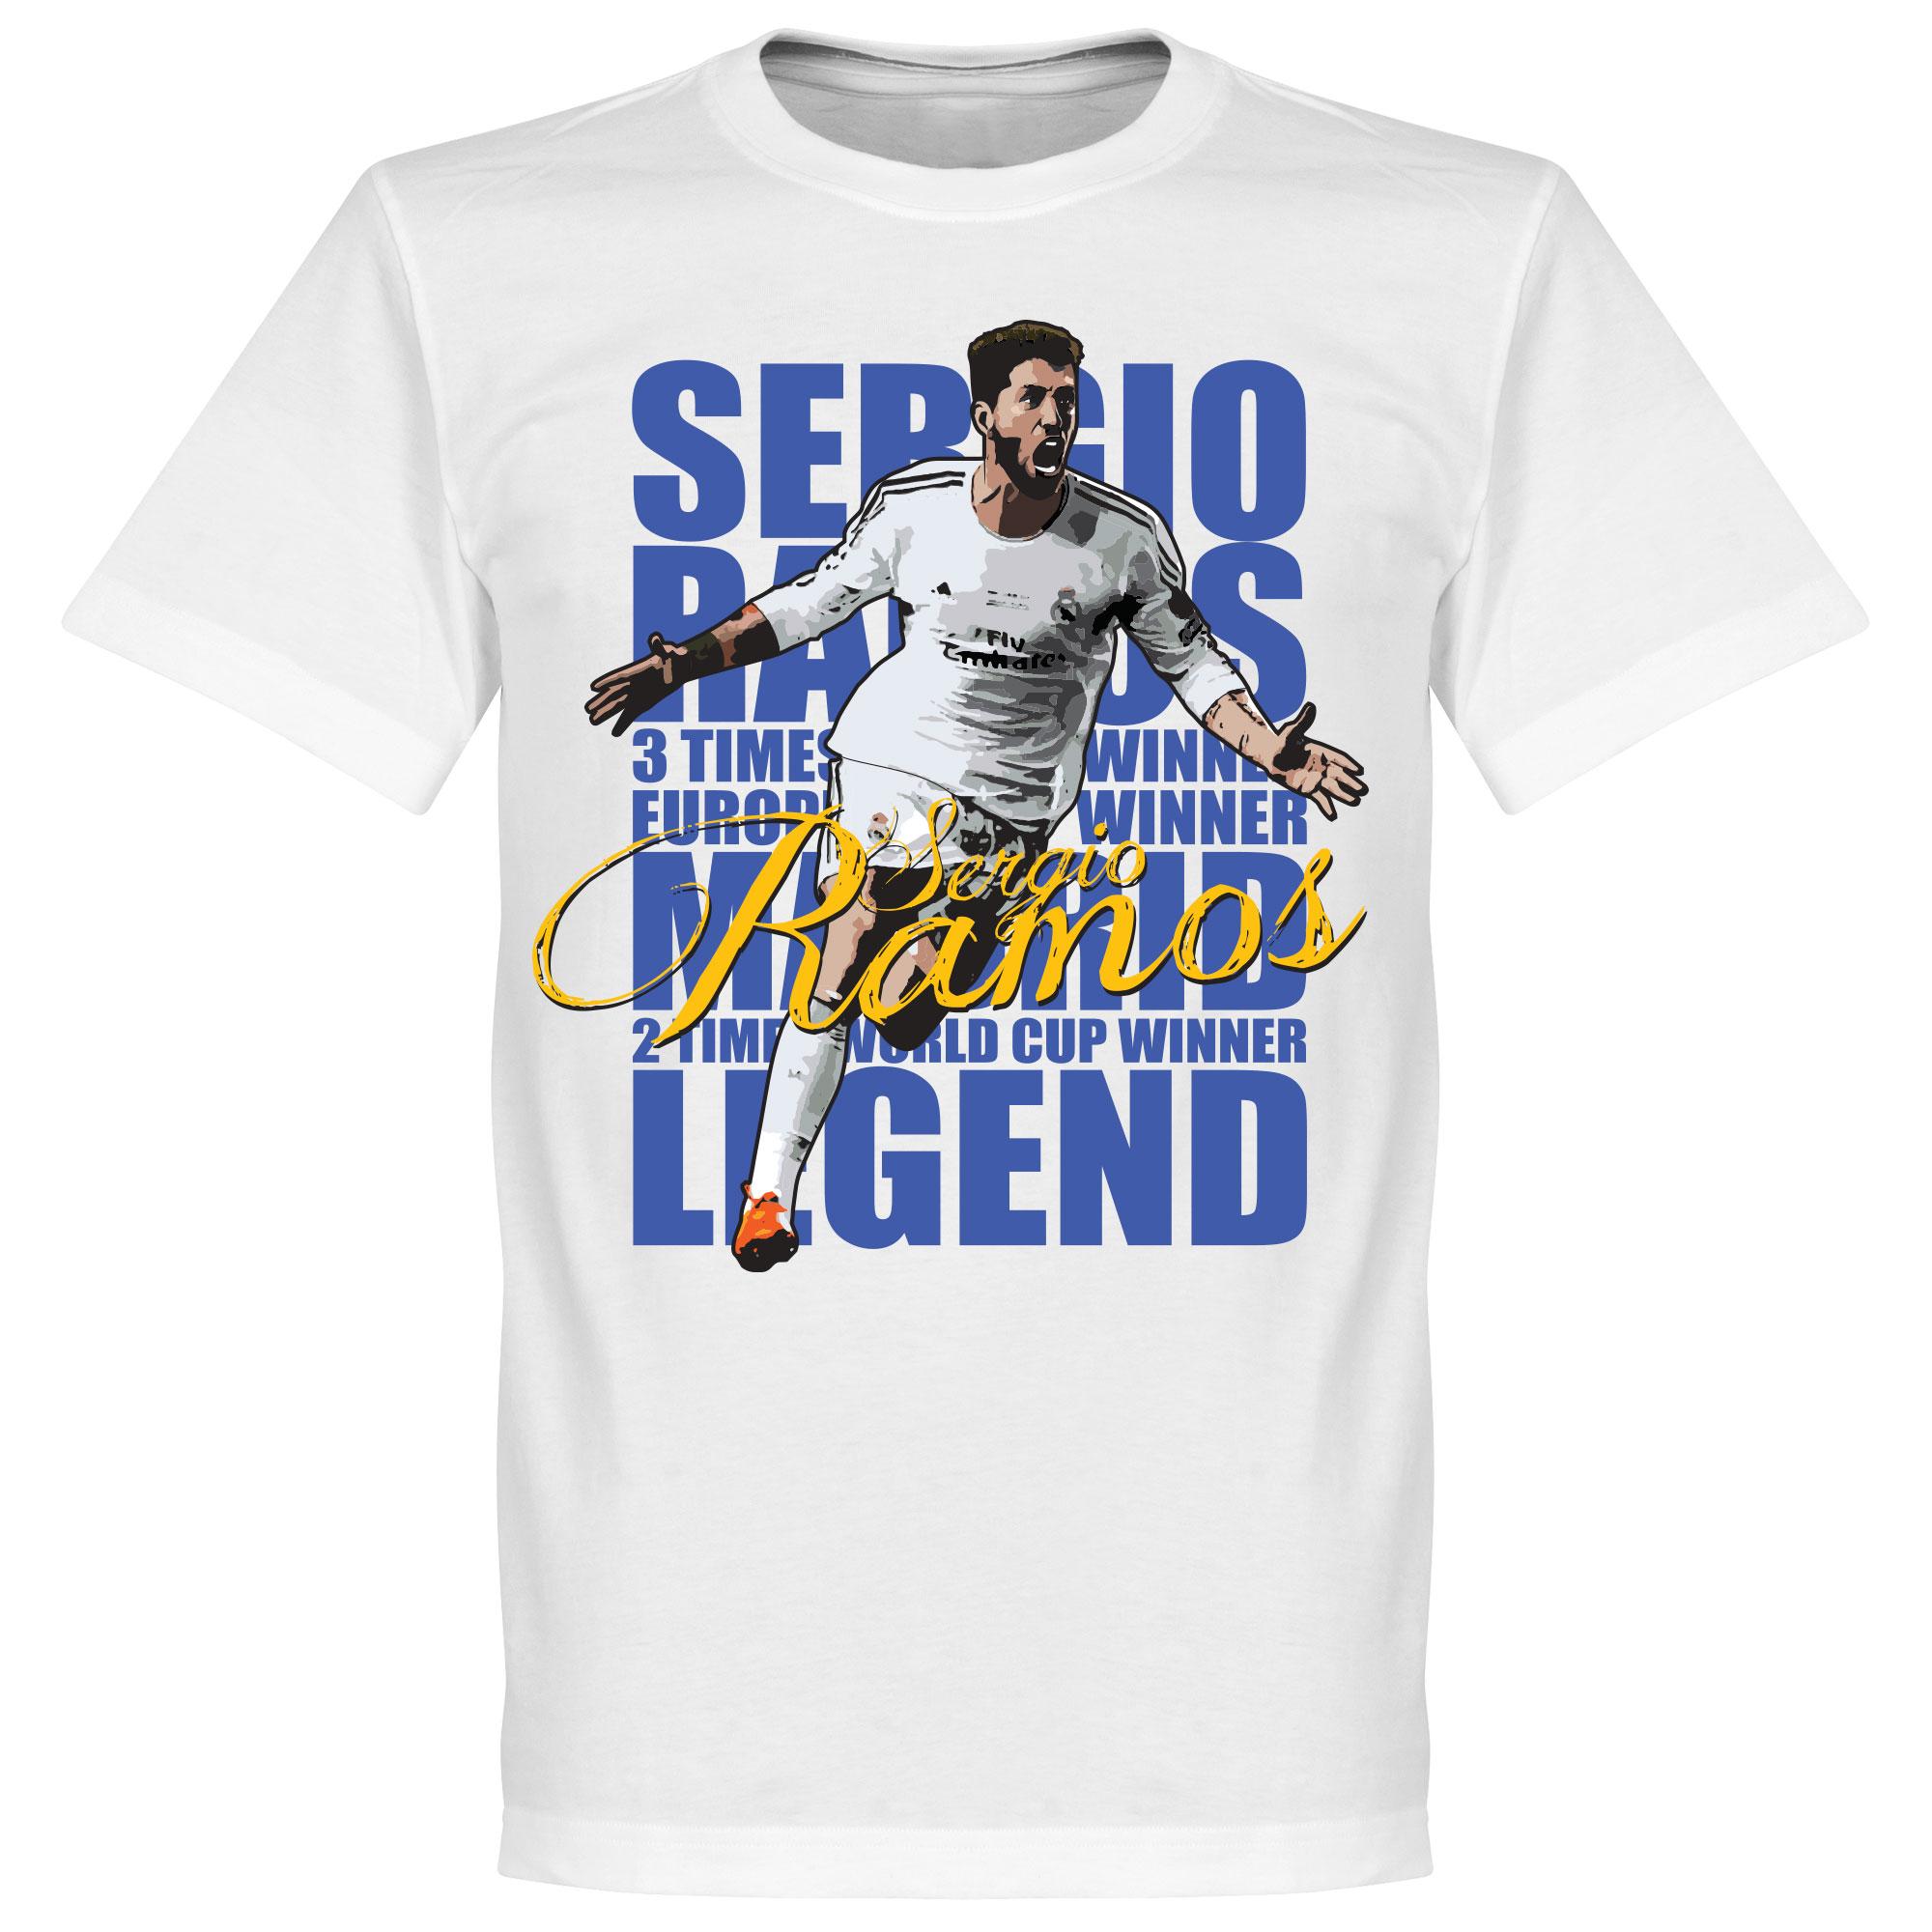 Sergio Ramos Legend Tee - White - XXL